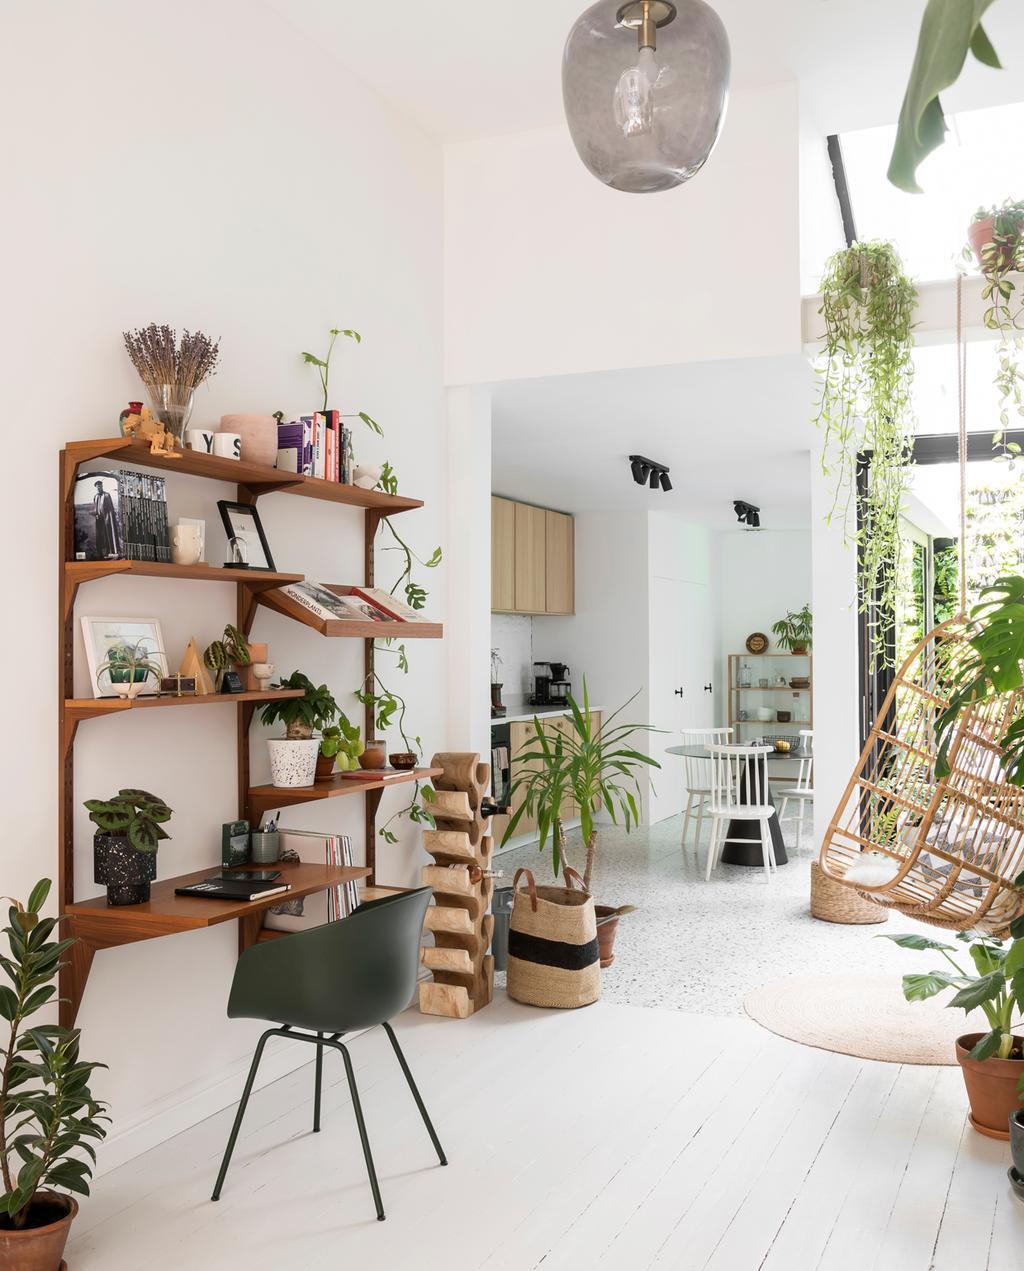 vtwonen 13 | Binnenkijken in een burgerwoning in Antwerpen woonkamer